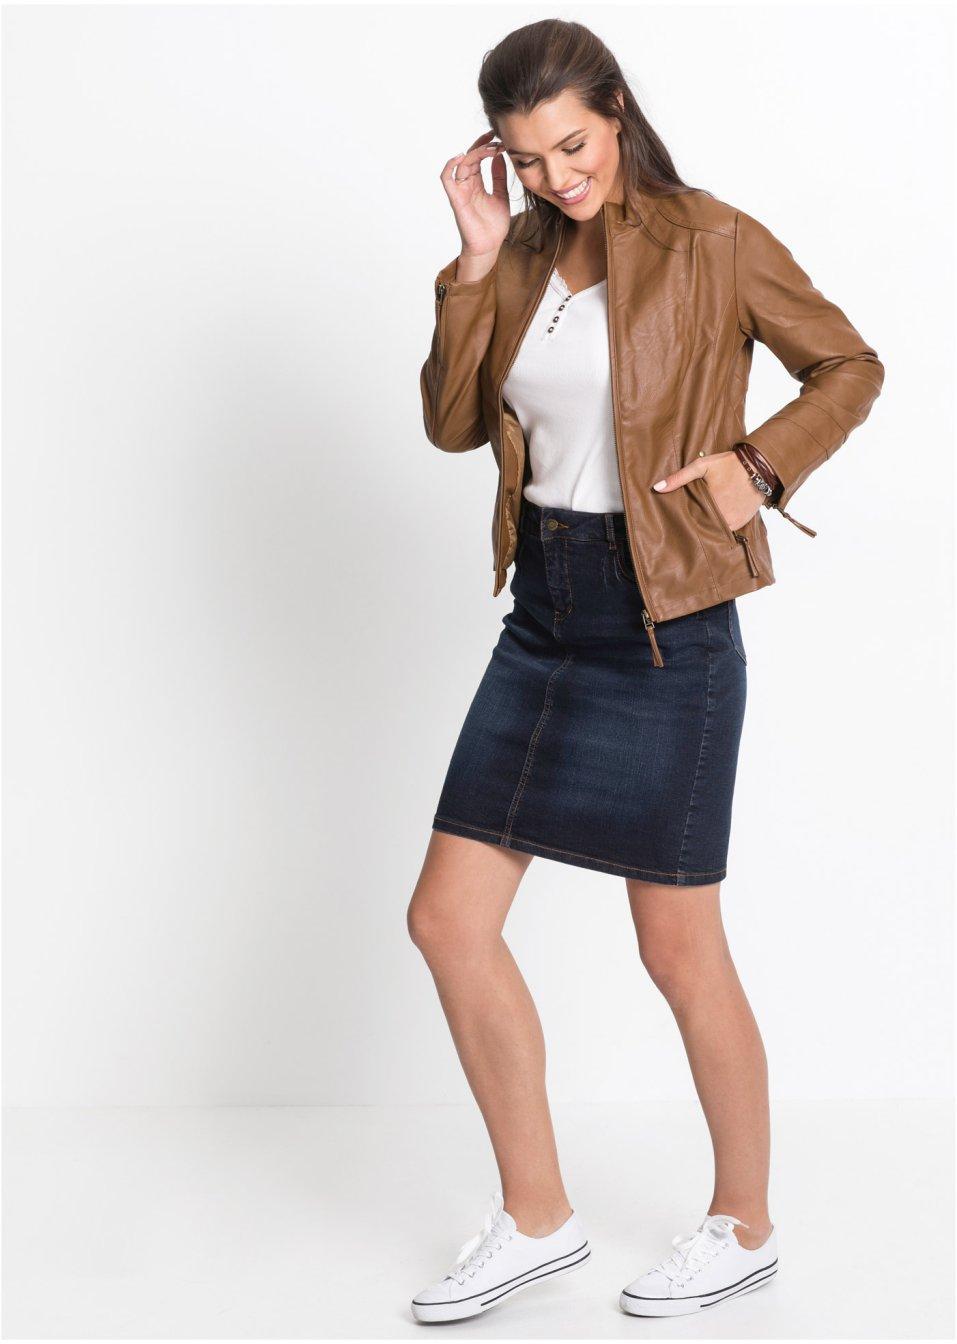 Mode Femme Vêtements DJLfdOFlkj Jupe en jean basique look used bleu foncé, T.N.